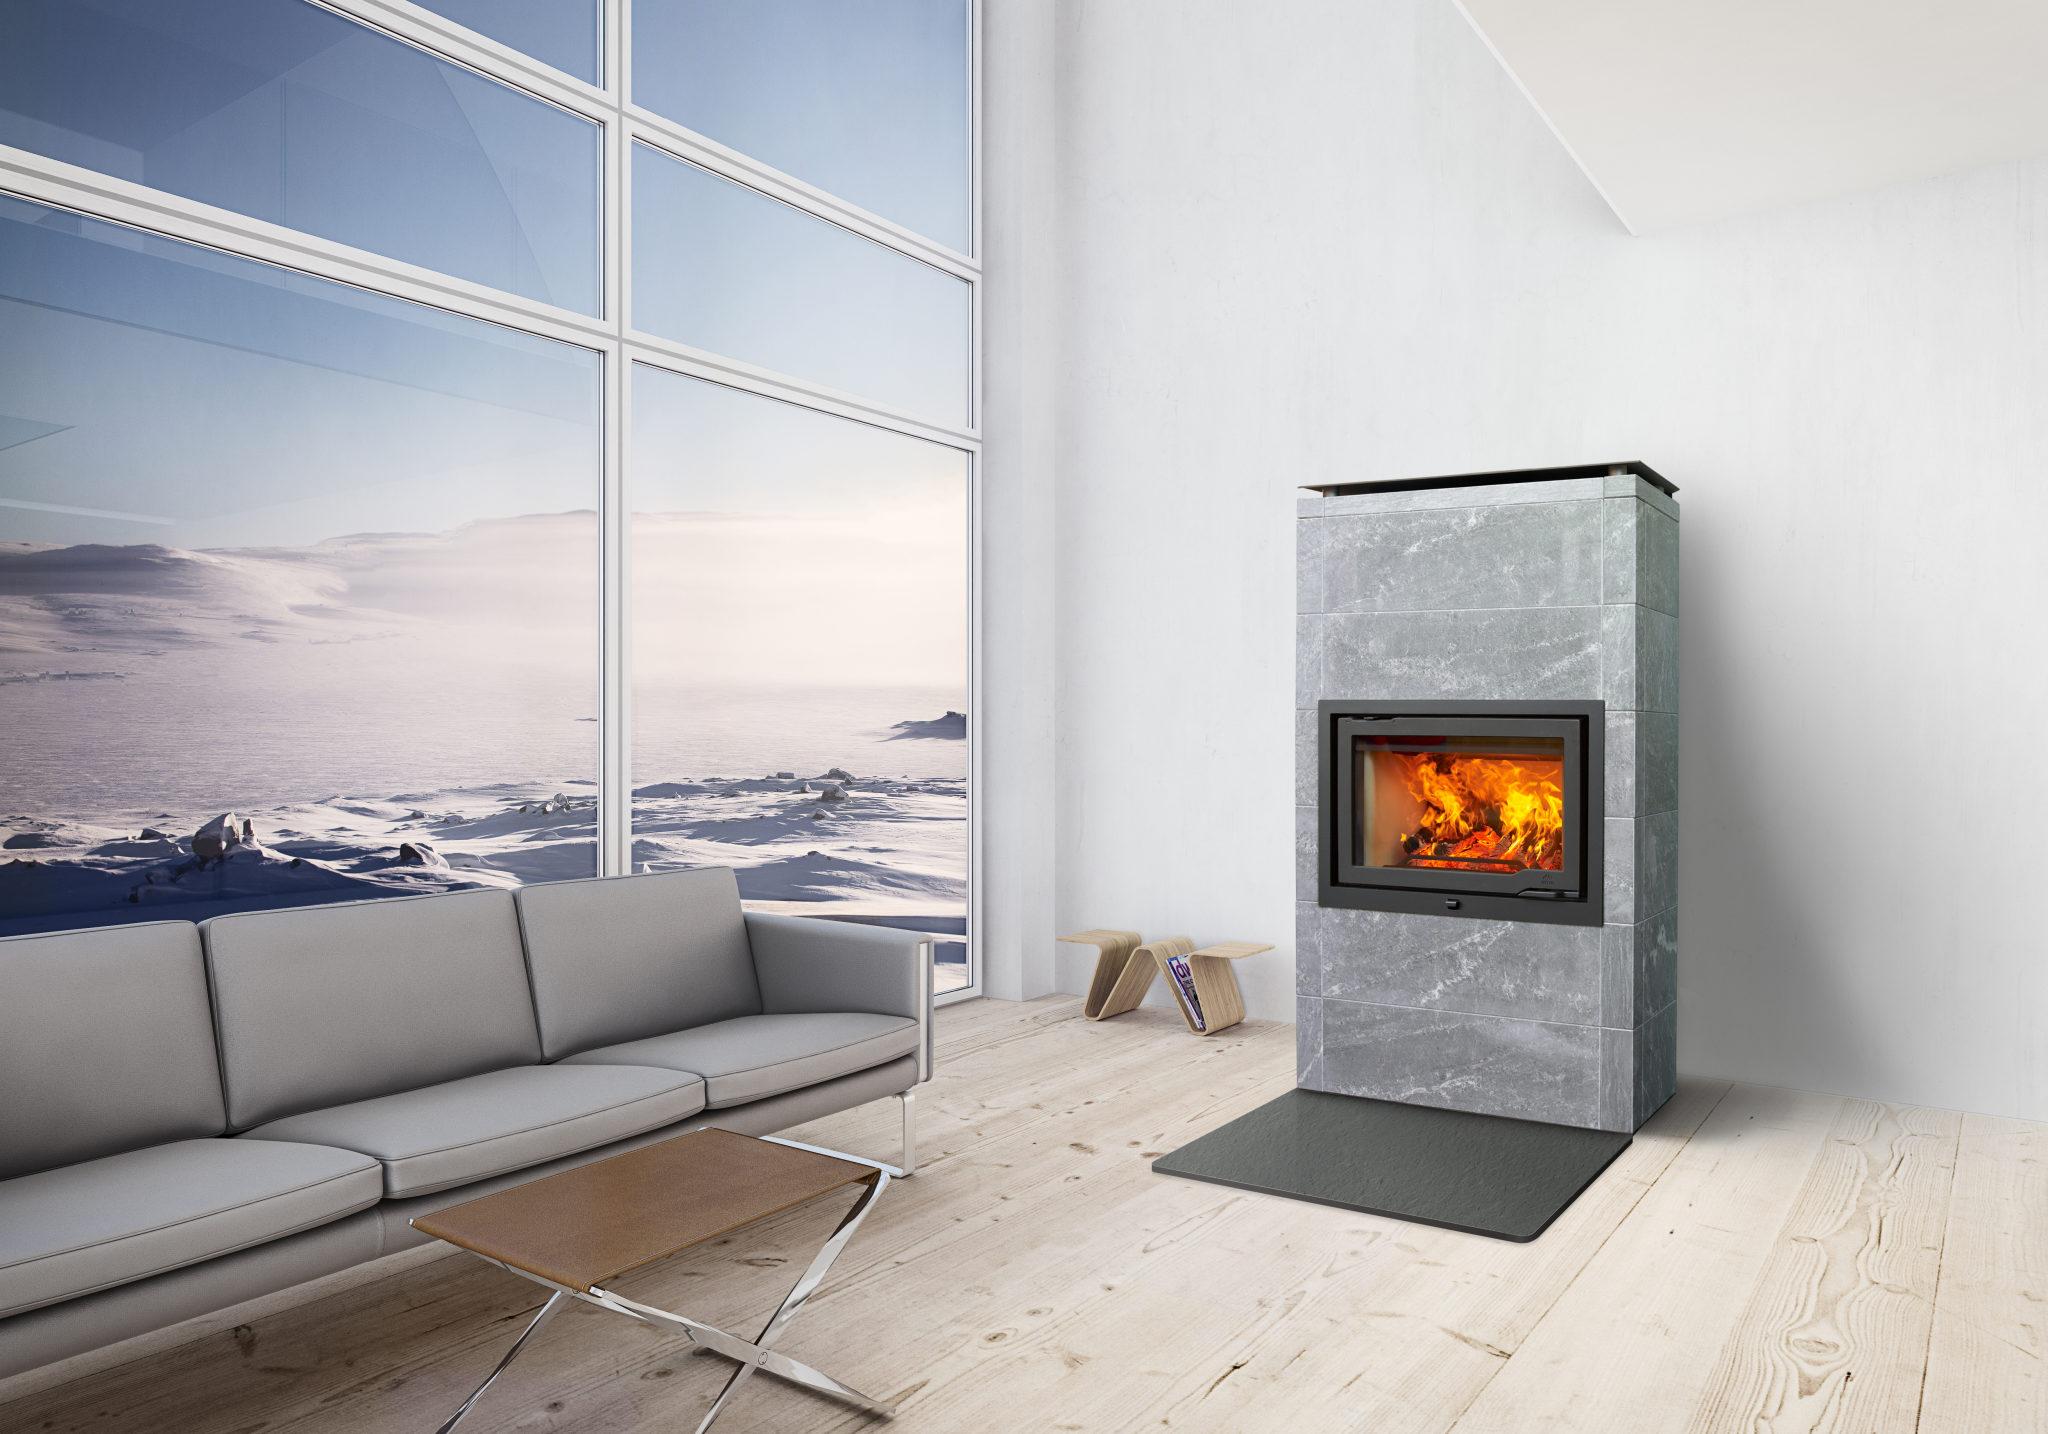 Jøtul FS 166 jest idealnym rozwiązaniem dla ogrzewania dużych pomieszczeń. Steatyt dodatkowo magazynuje ciepło i powoli oddaje je do wnętrza – nawet do 12 godzin po wygaśnięciu ognia!